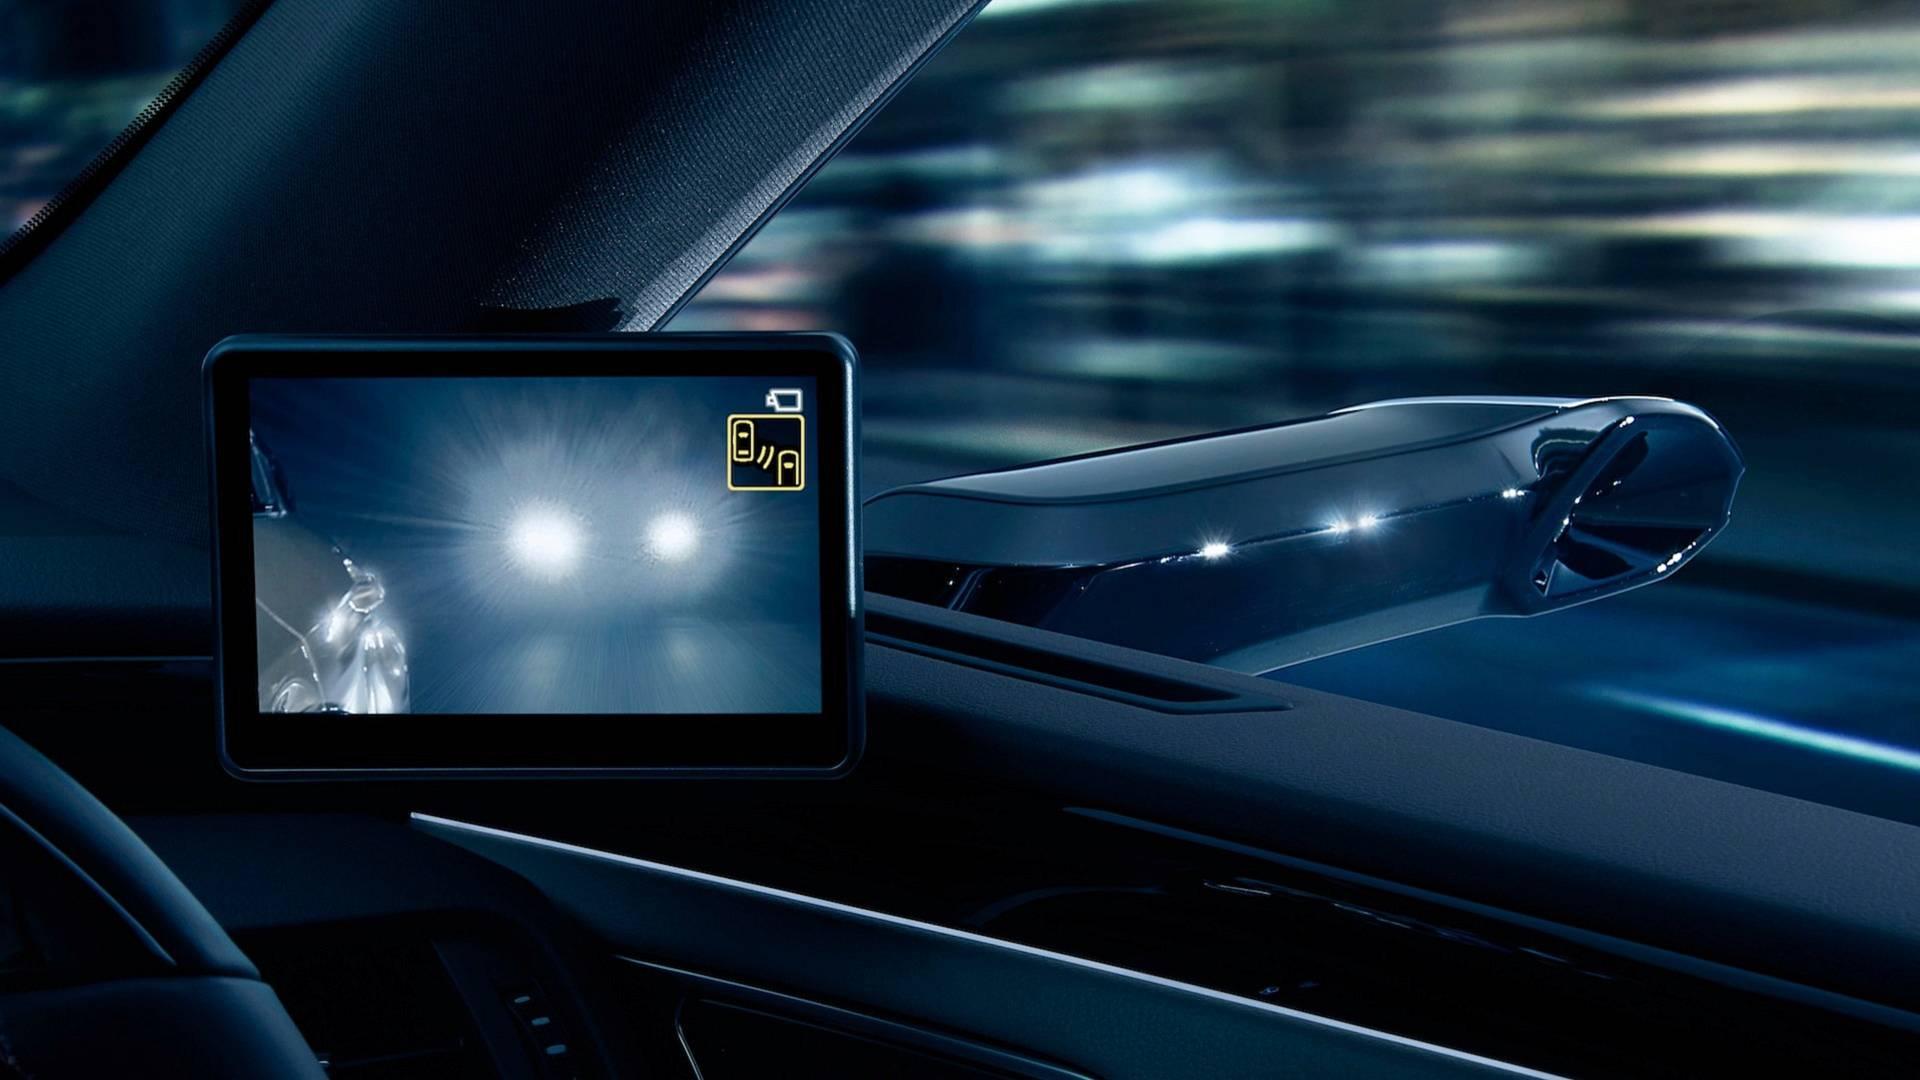 دوربینها جایگزین آینههای جانبی در لکسوس (+عکس) - 2